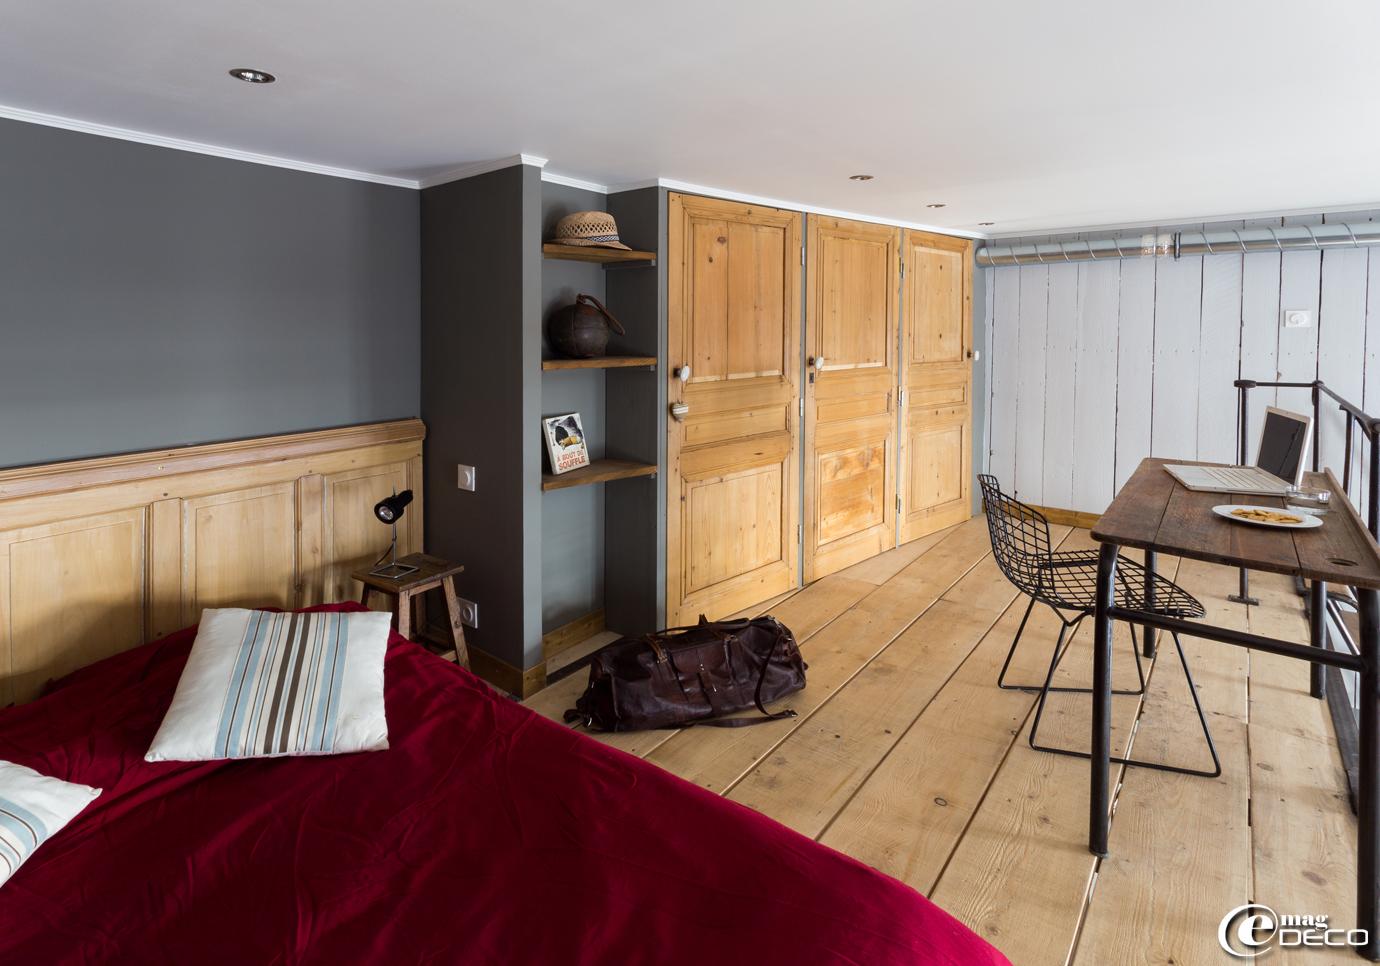 Dans une chambre en mezzanine, les façades de placard sont réalisées à partir de vieilles portes à panneaux recoupées